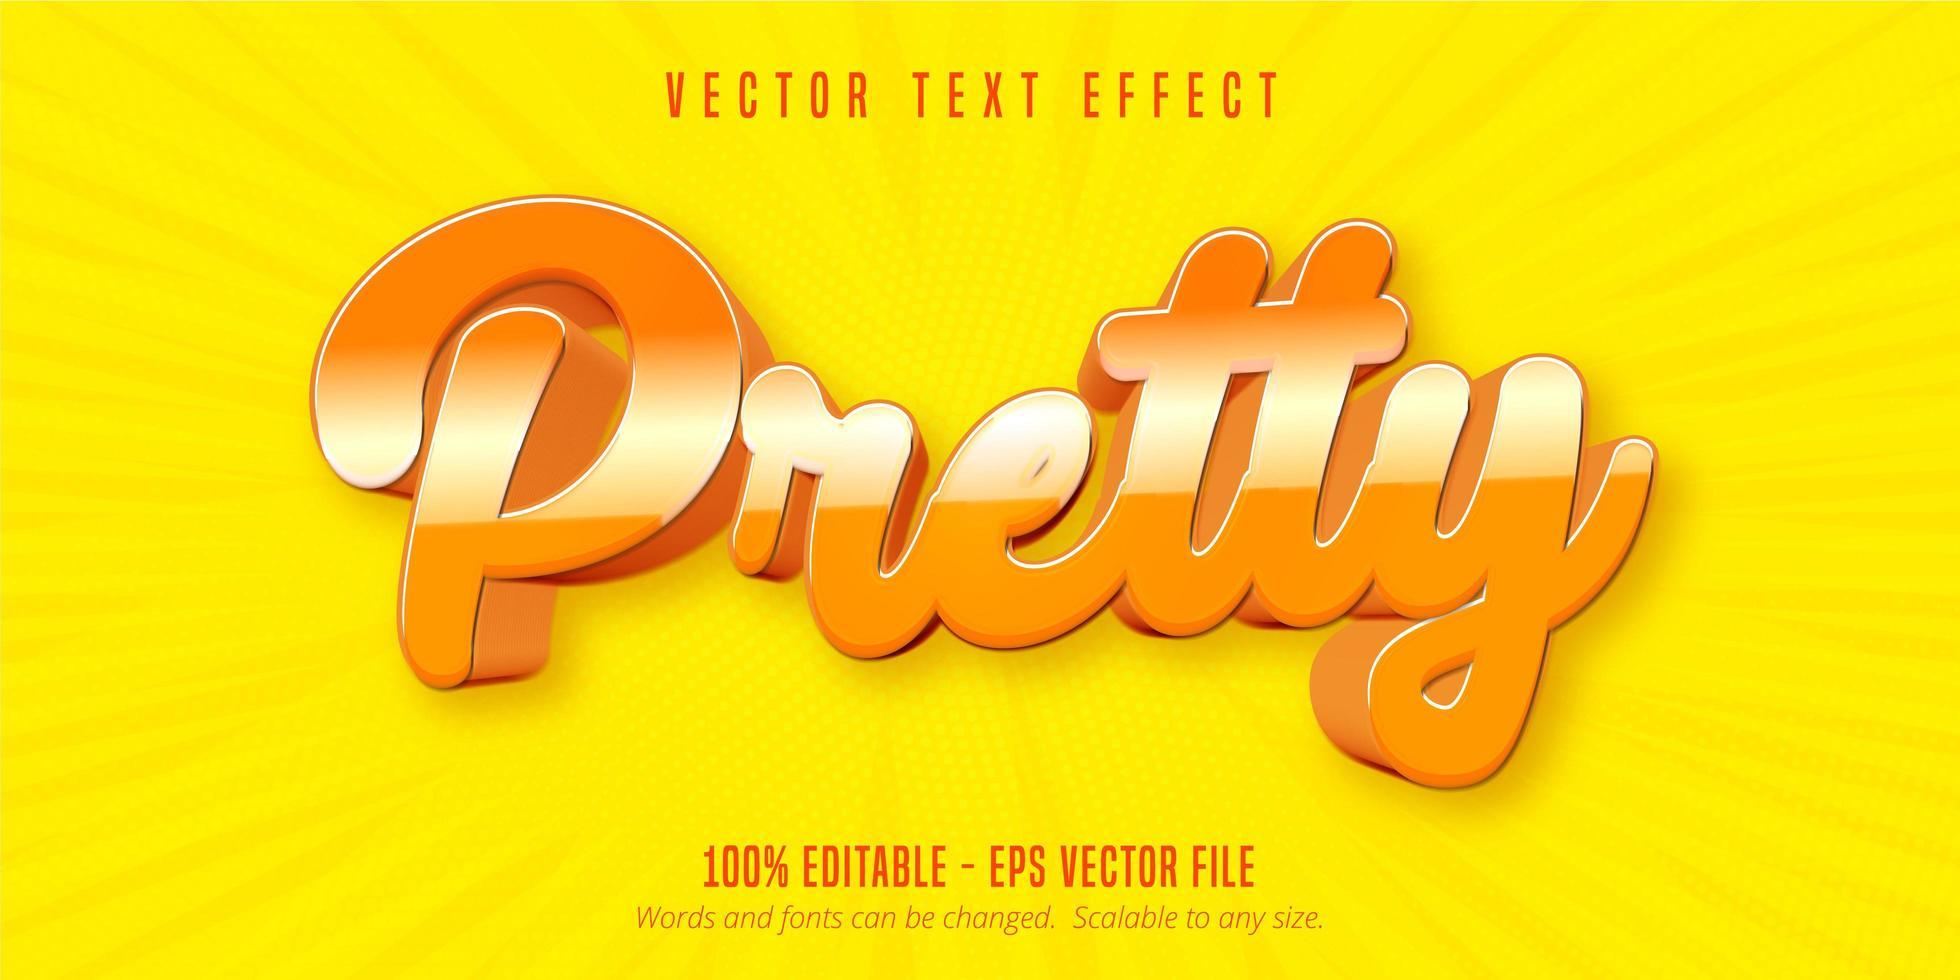 mooie tekst, teksteffect in cartoonstijl vector